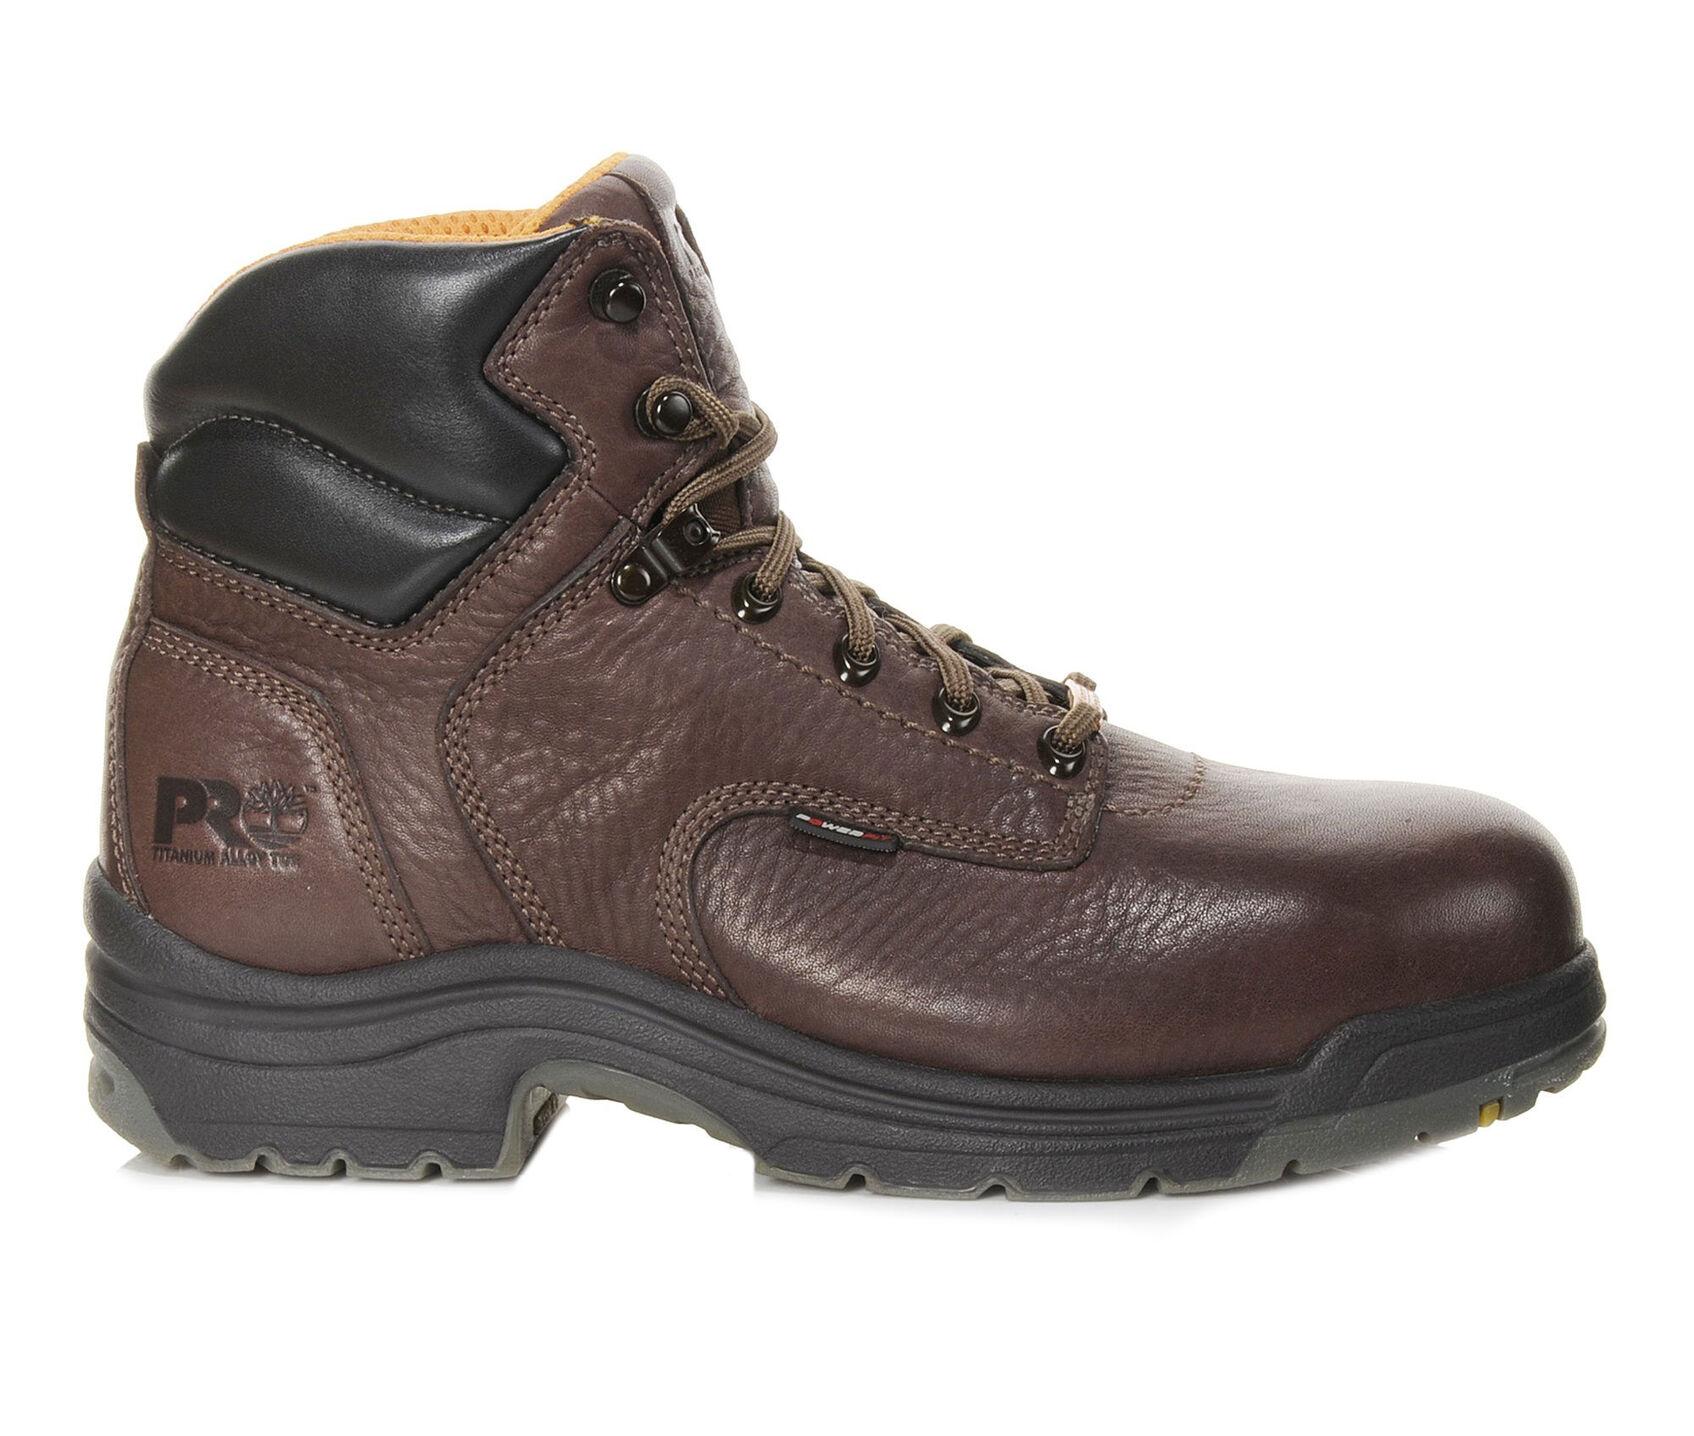 luistella kengät aitoja kenkiä näyttää hyvältä kengät myynti Men's Timberland Pro Titan 6in 26063 Alloy Toe Work Boots